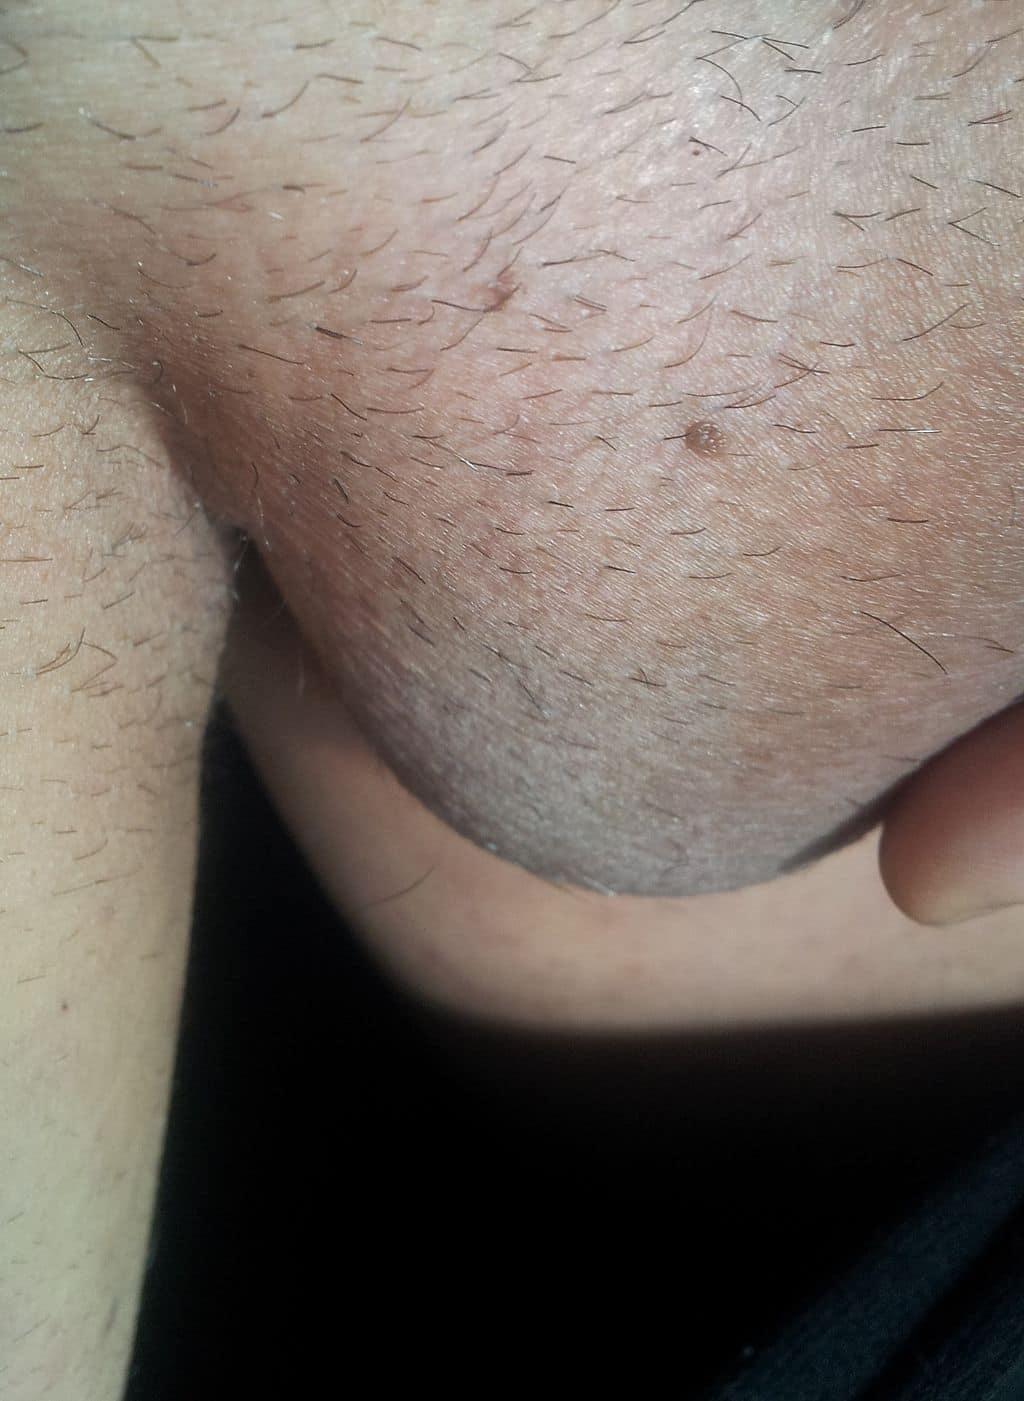 Feigwarze bei einem Mann am Hoden (mittig)